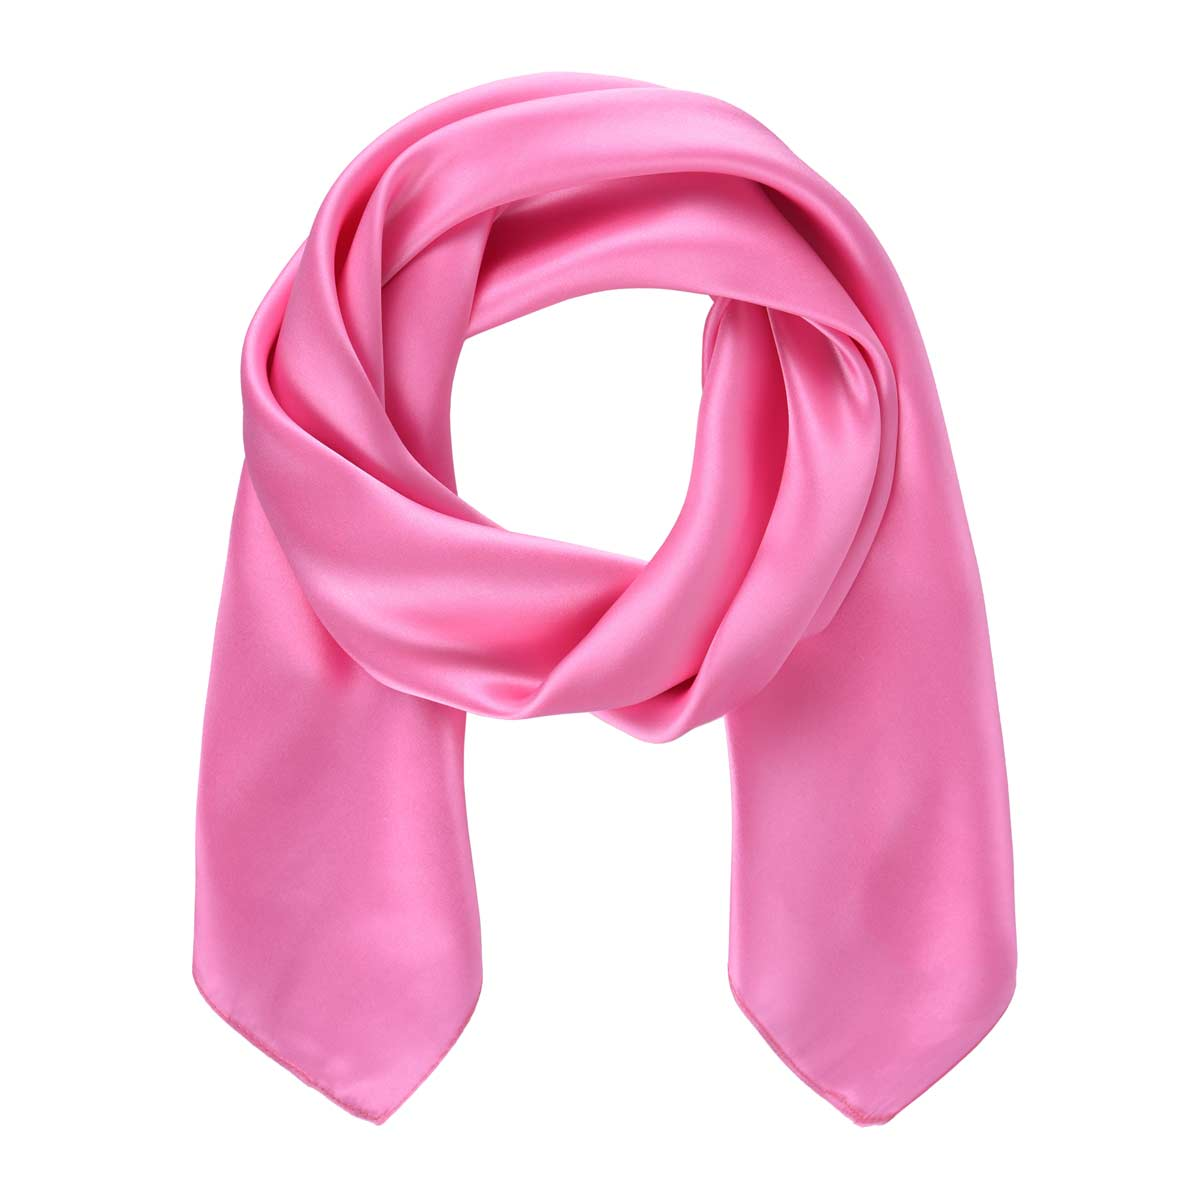 AT-05383_F12-1--_Carre-soie-epaisse-rose